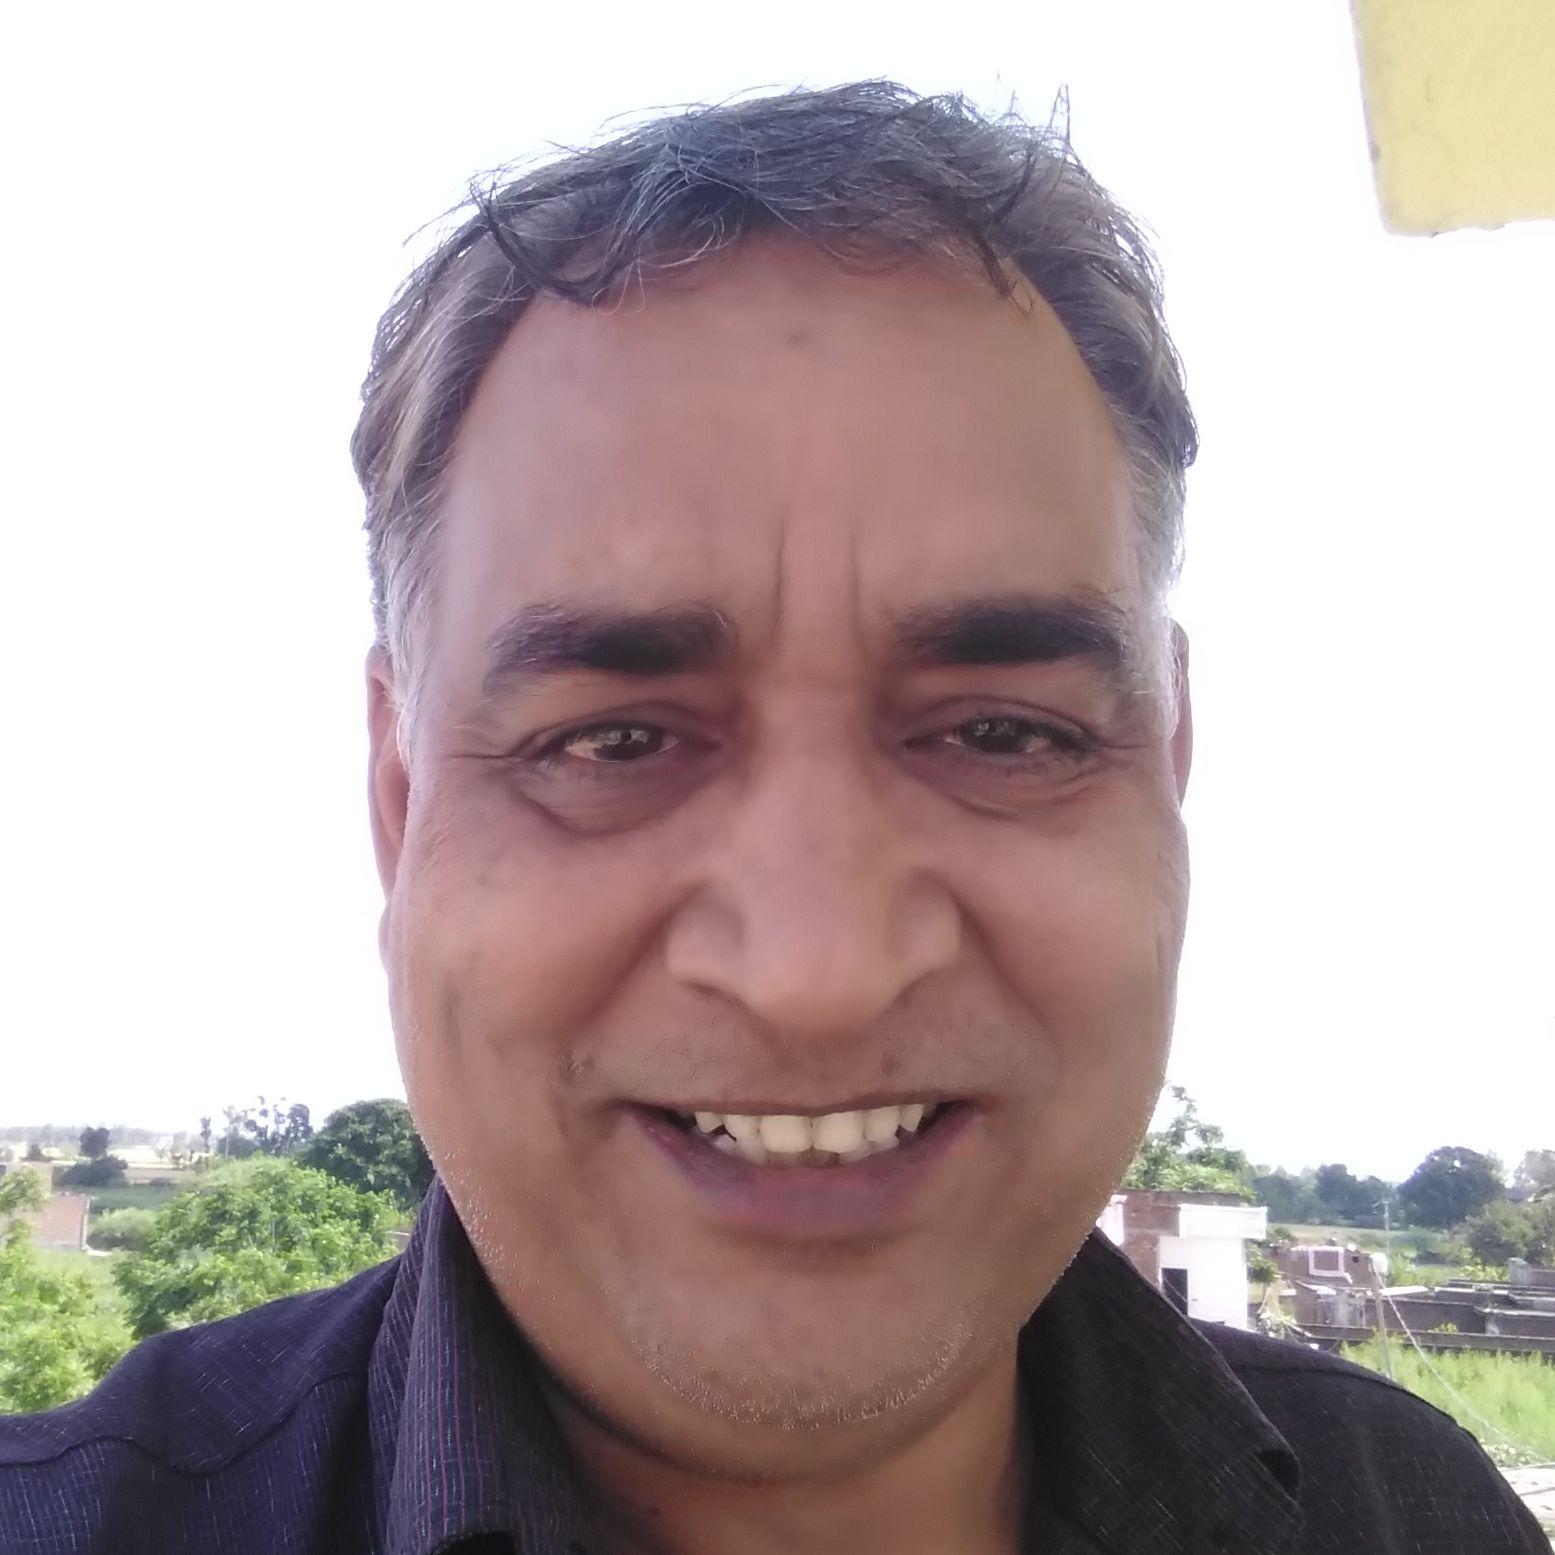 डॉ लोकेन्द्र शर्मा